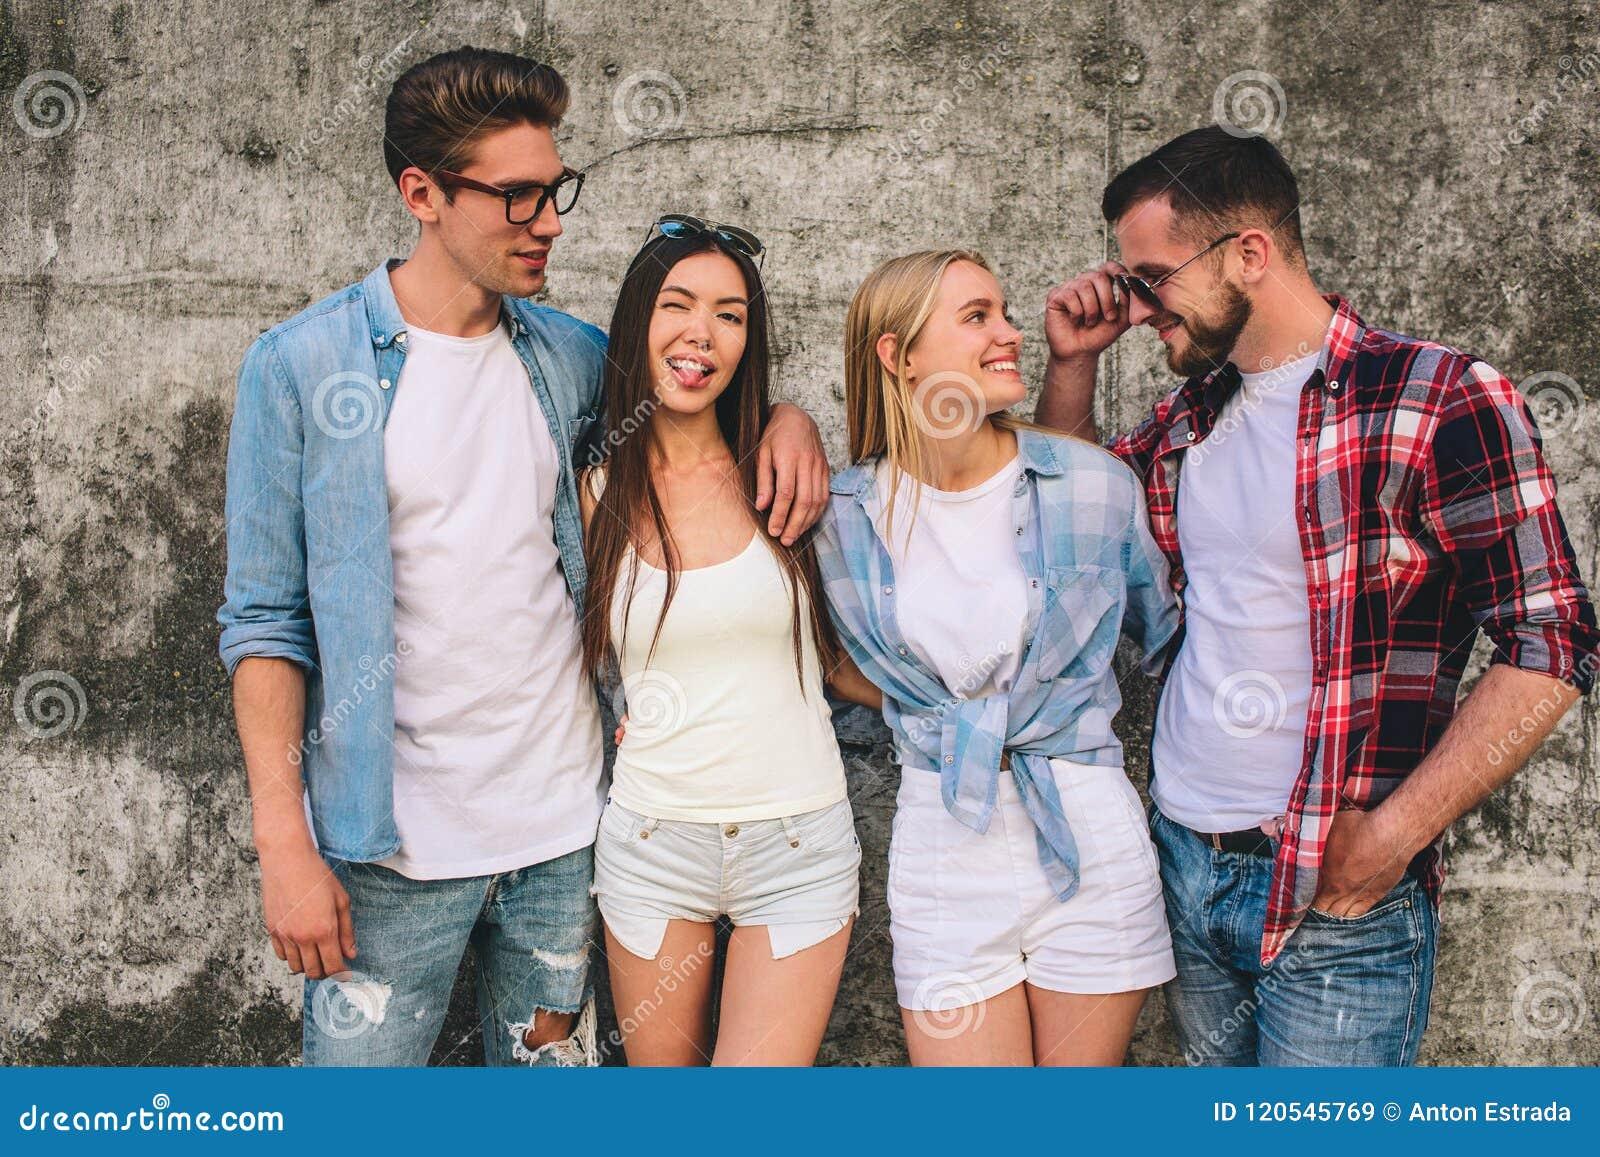 Può una ragazza che esce con due ragazzi allo stesso tempo